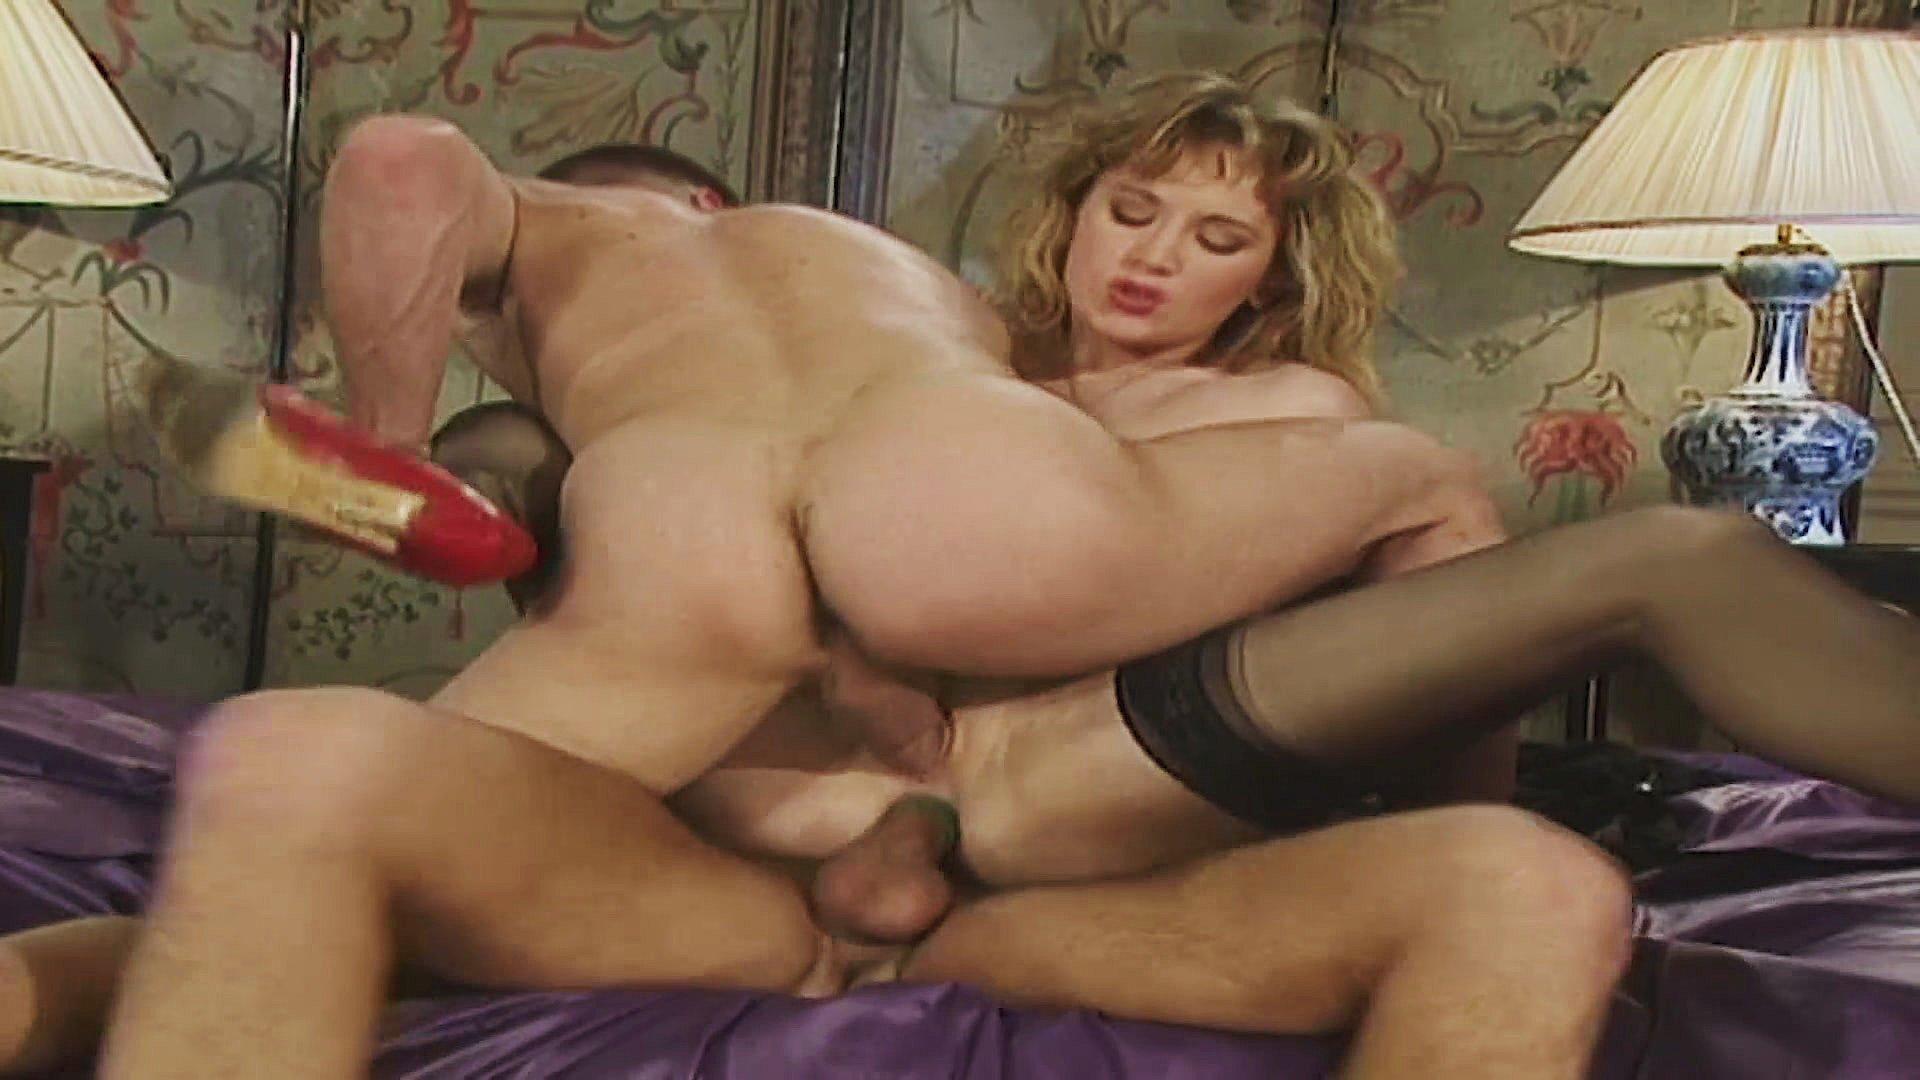 Male sex pics Tanned line tranny tube